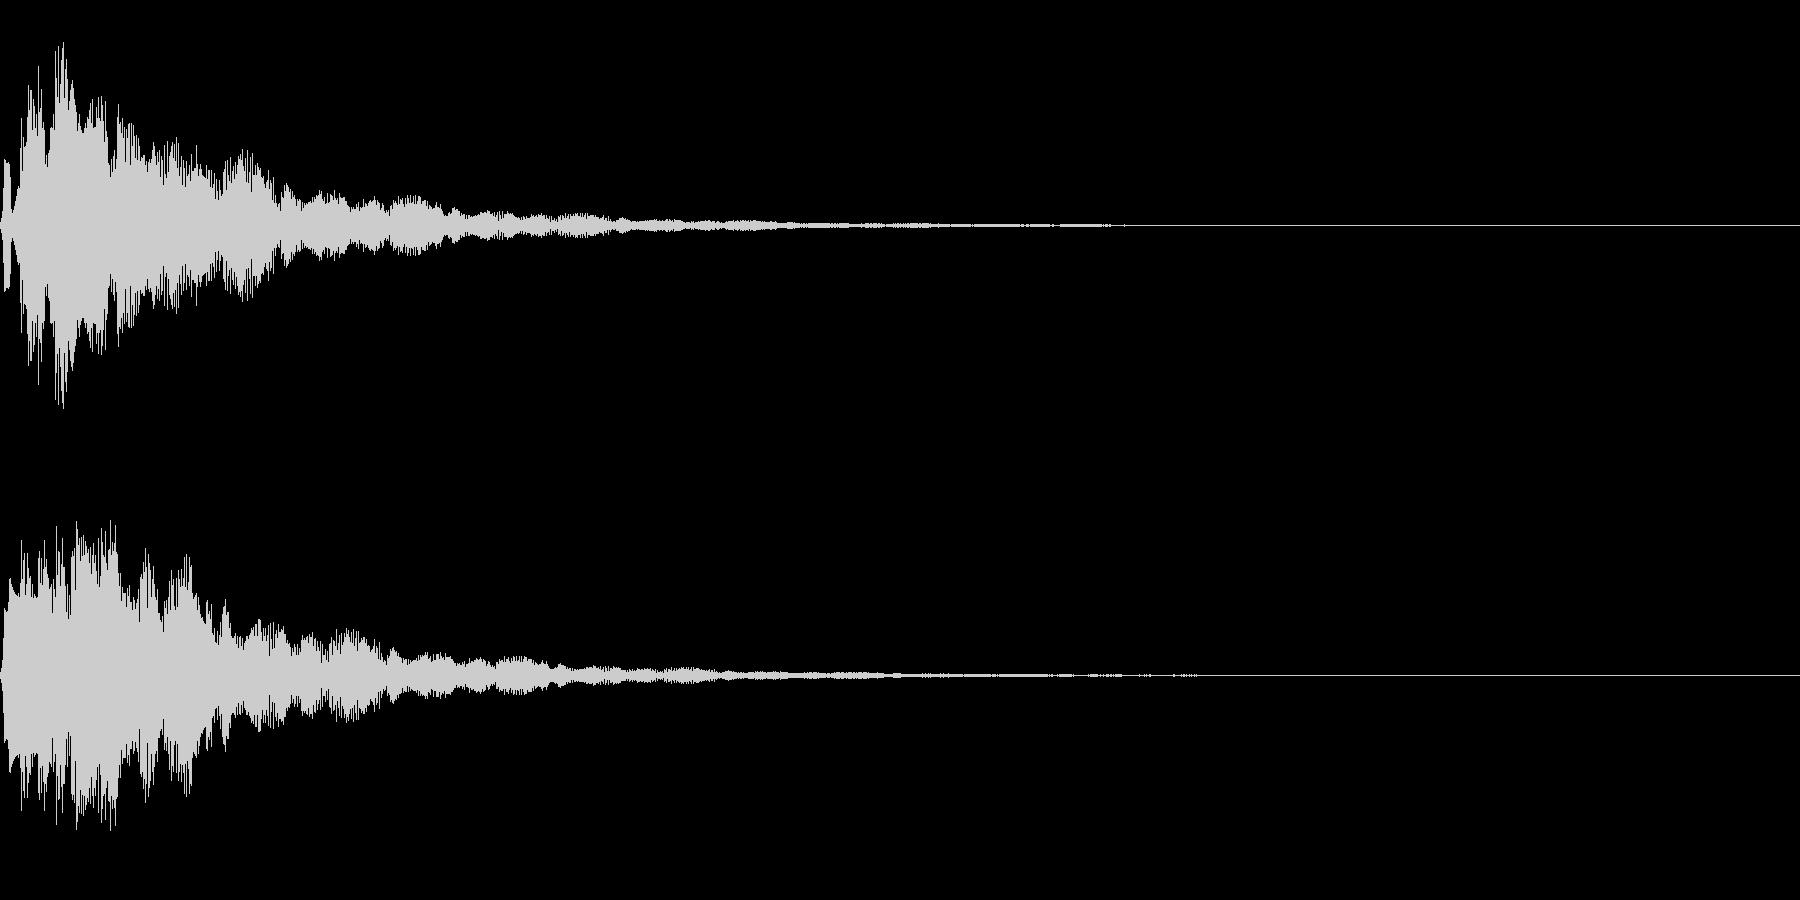 サウンドロゴ11(ベル系)の未再生の波形